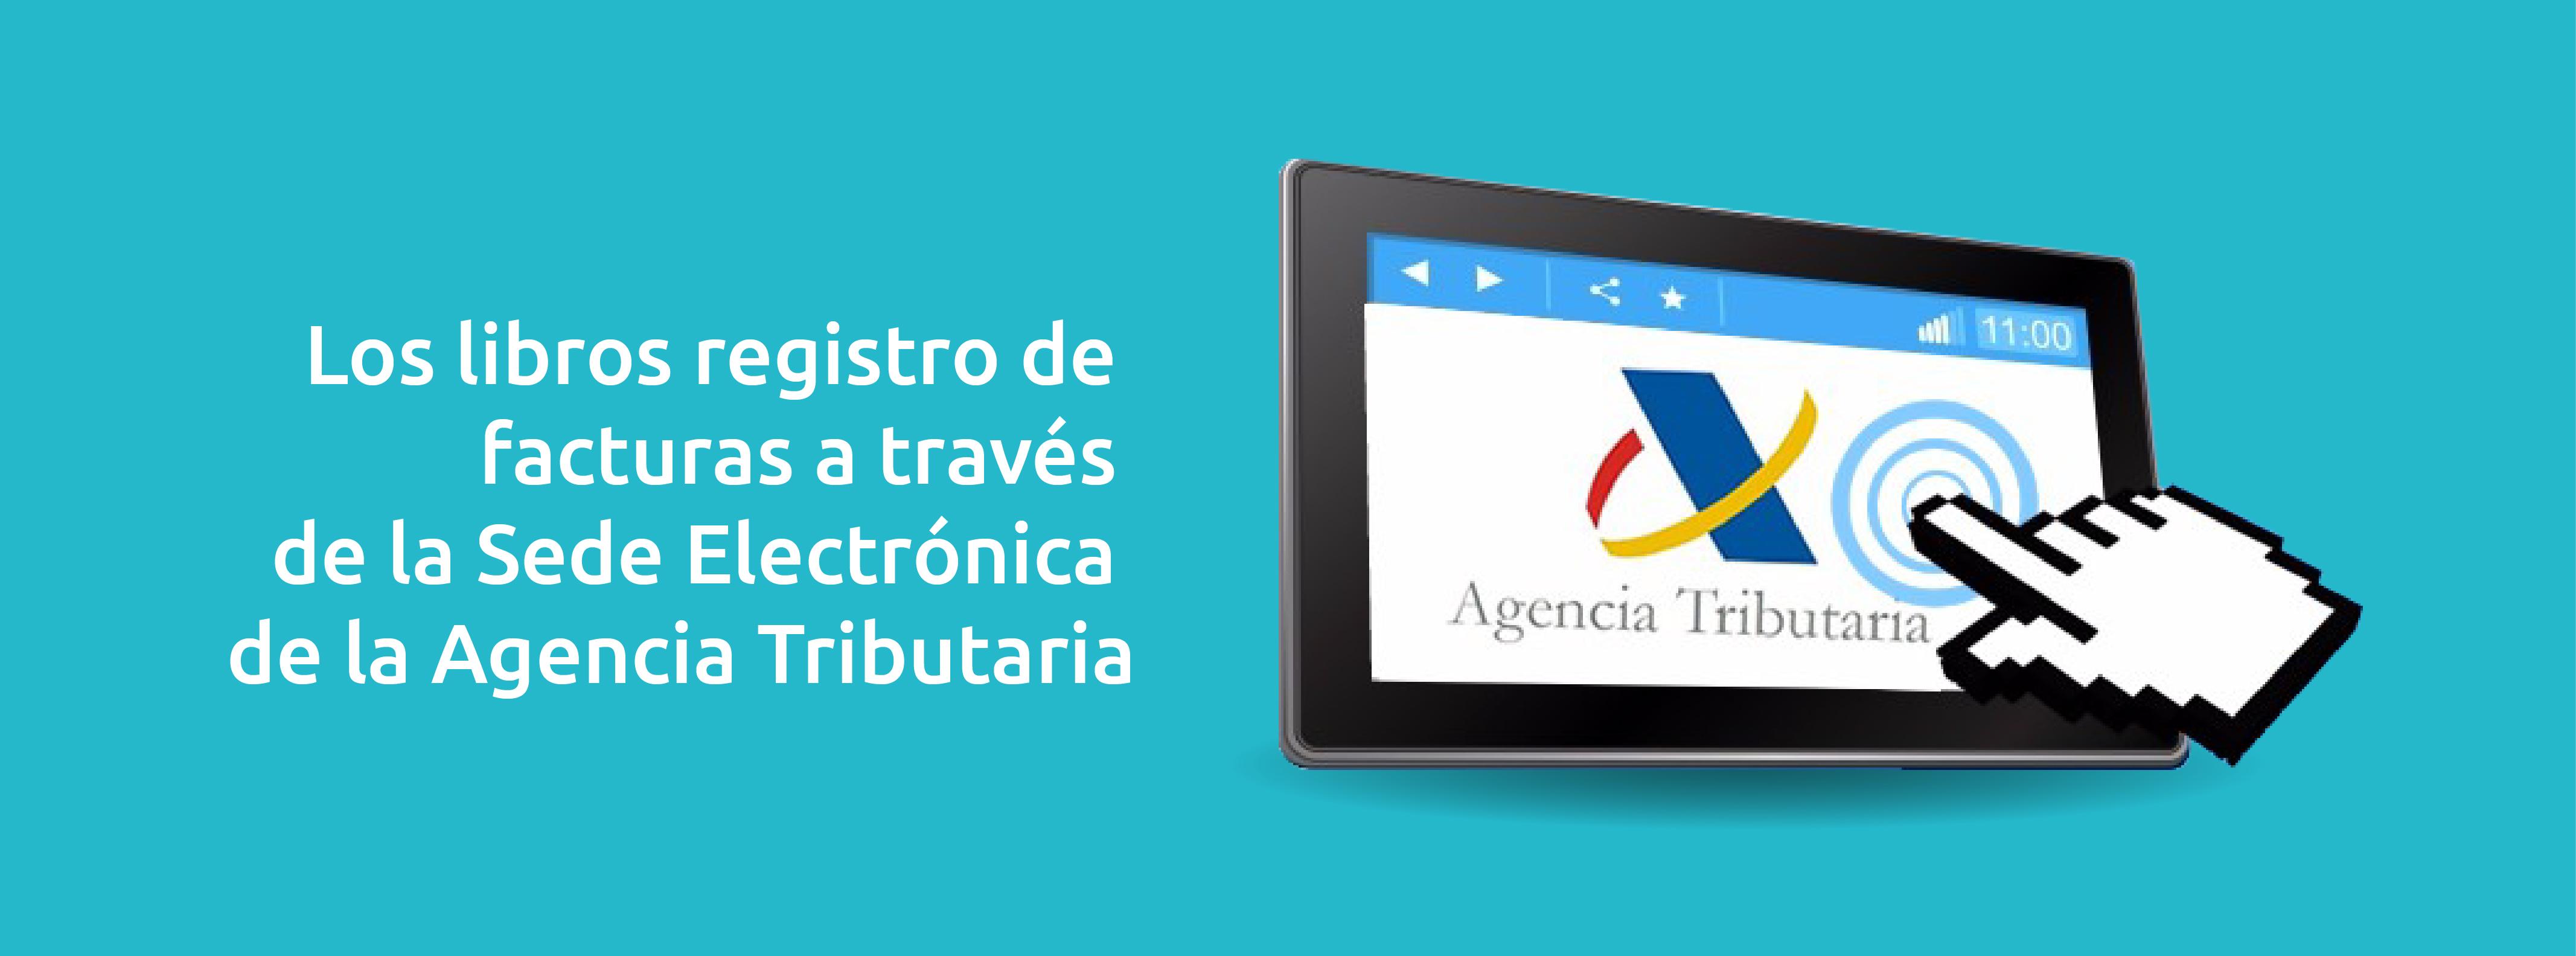 Libros electrónicos agencia tributaria tablet